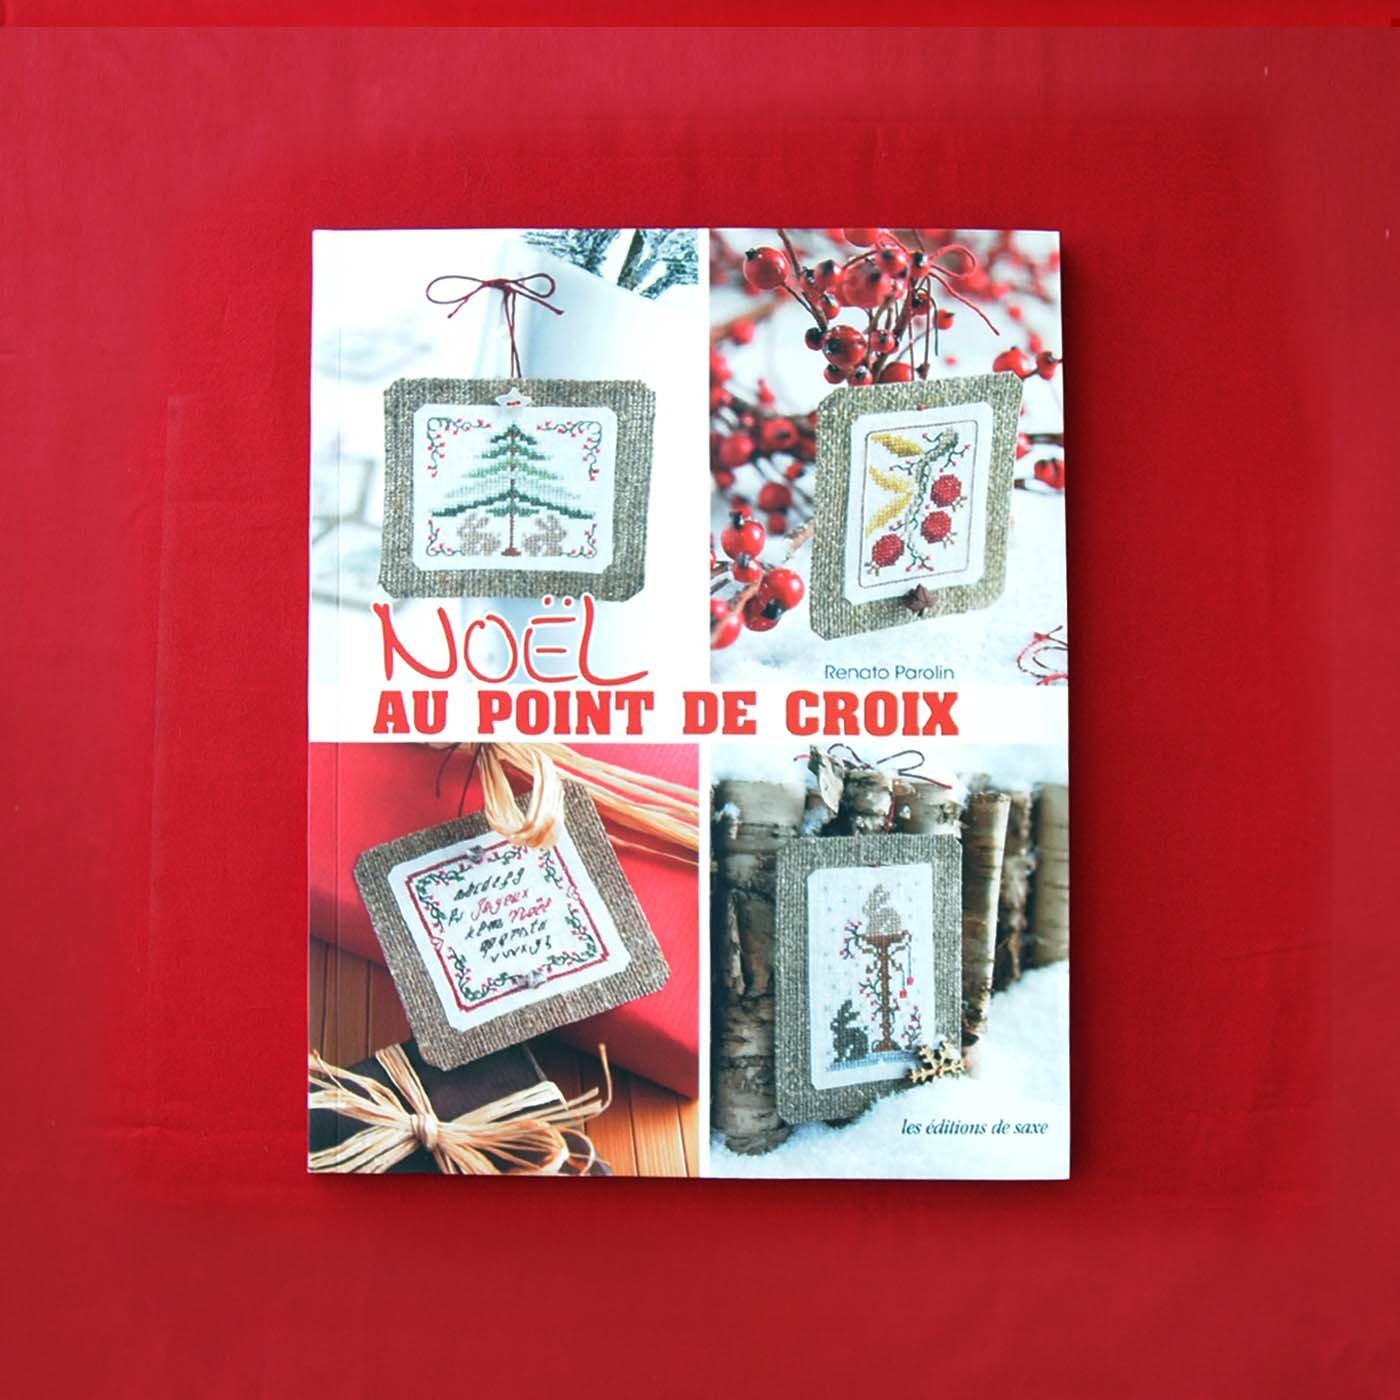 クロスステッチ図案集『NOEL AU POINT DE CROIX』~クリスマスのクロスステッチ~